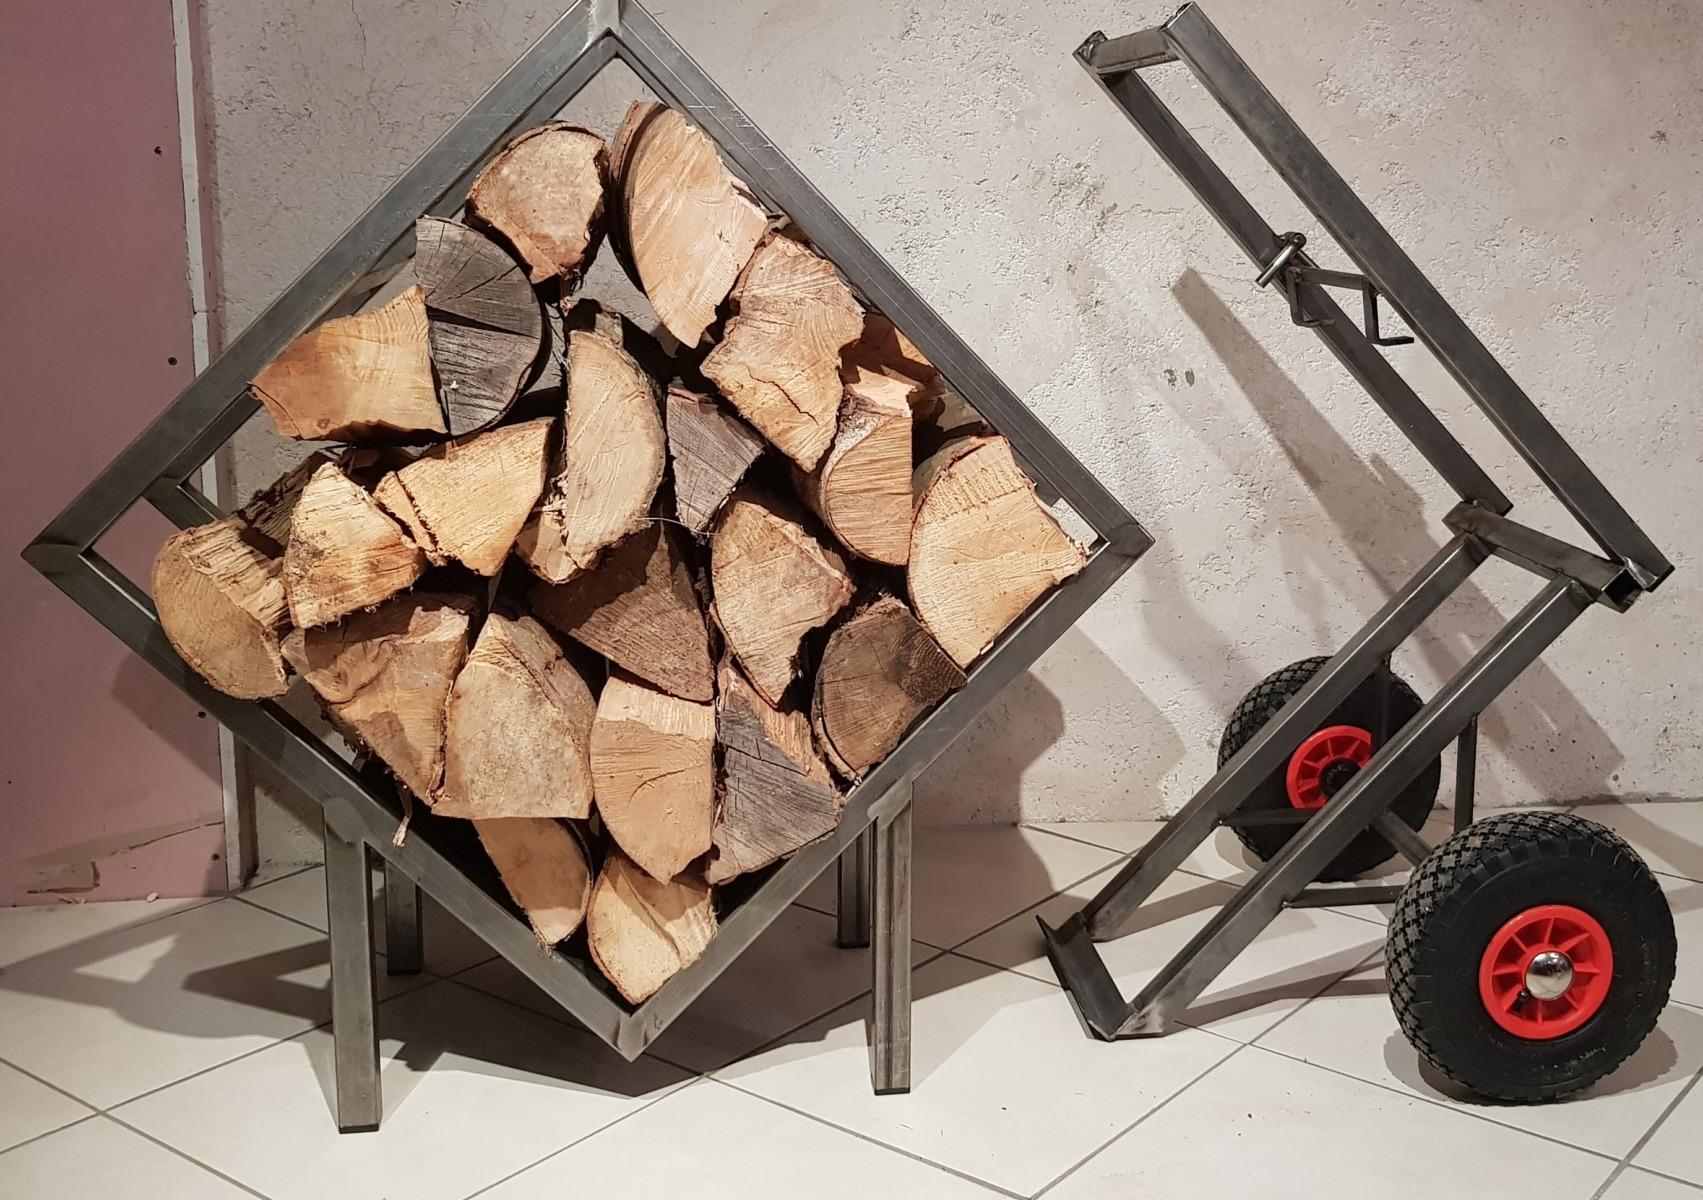 Porte buches-design-acier-Isère-mobile